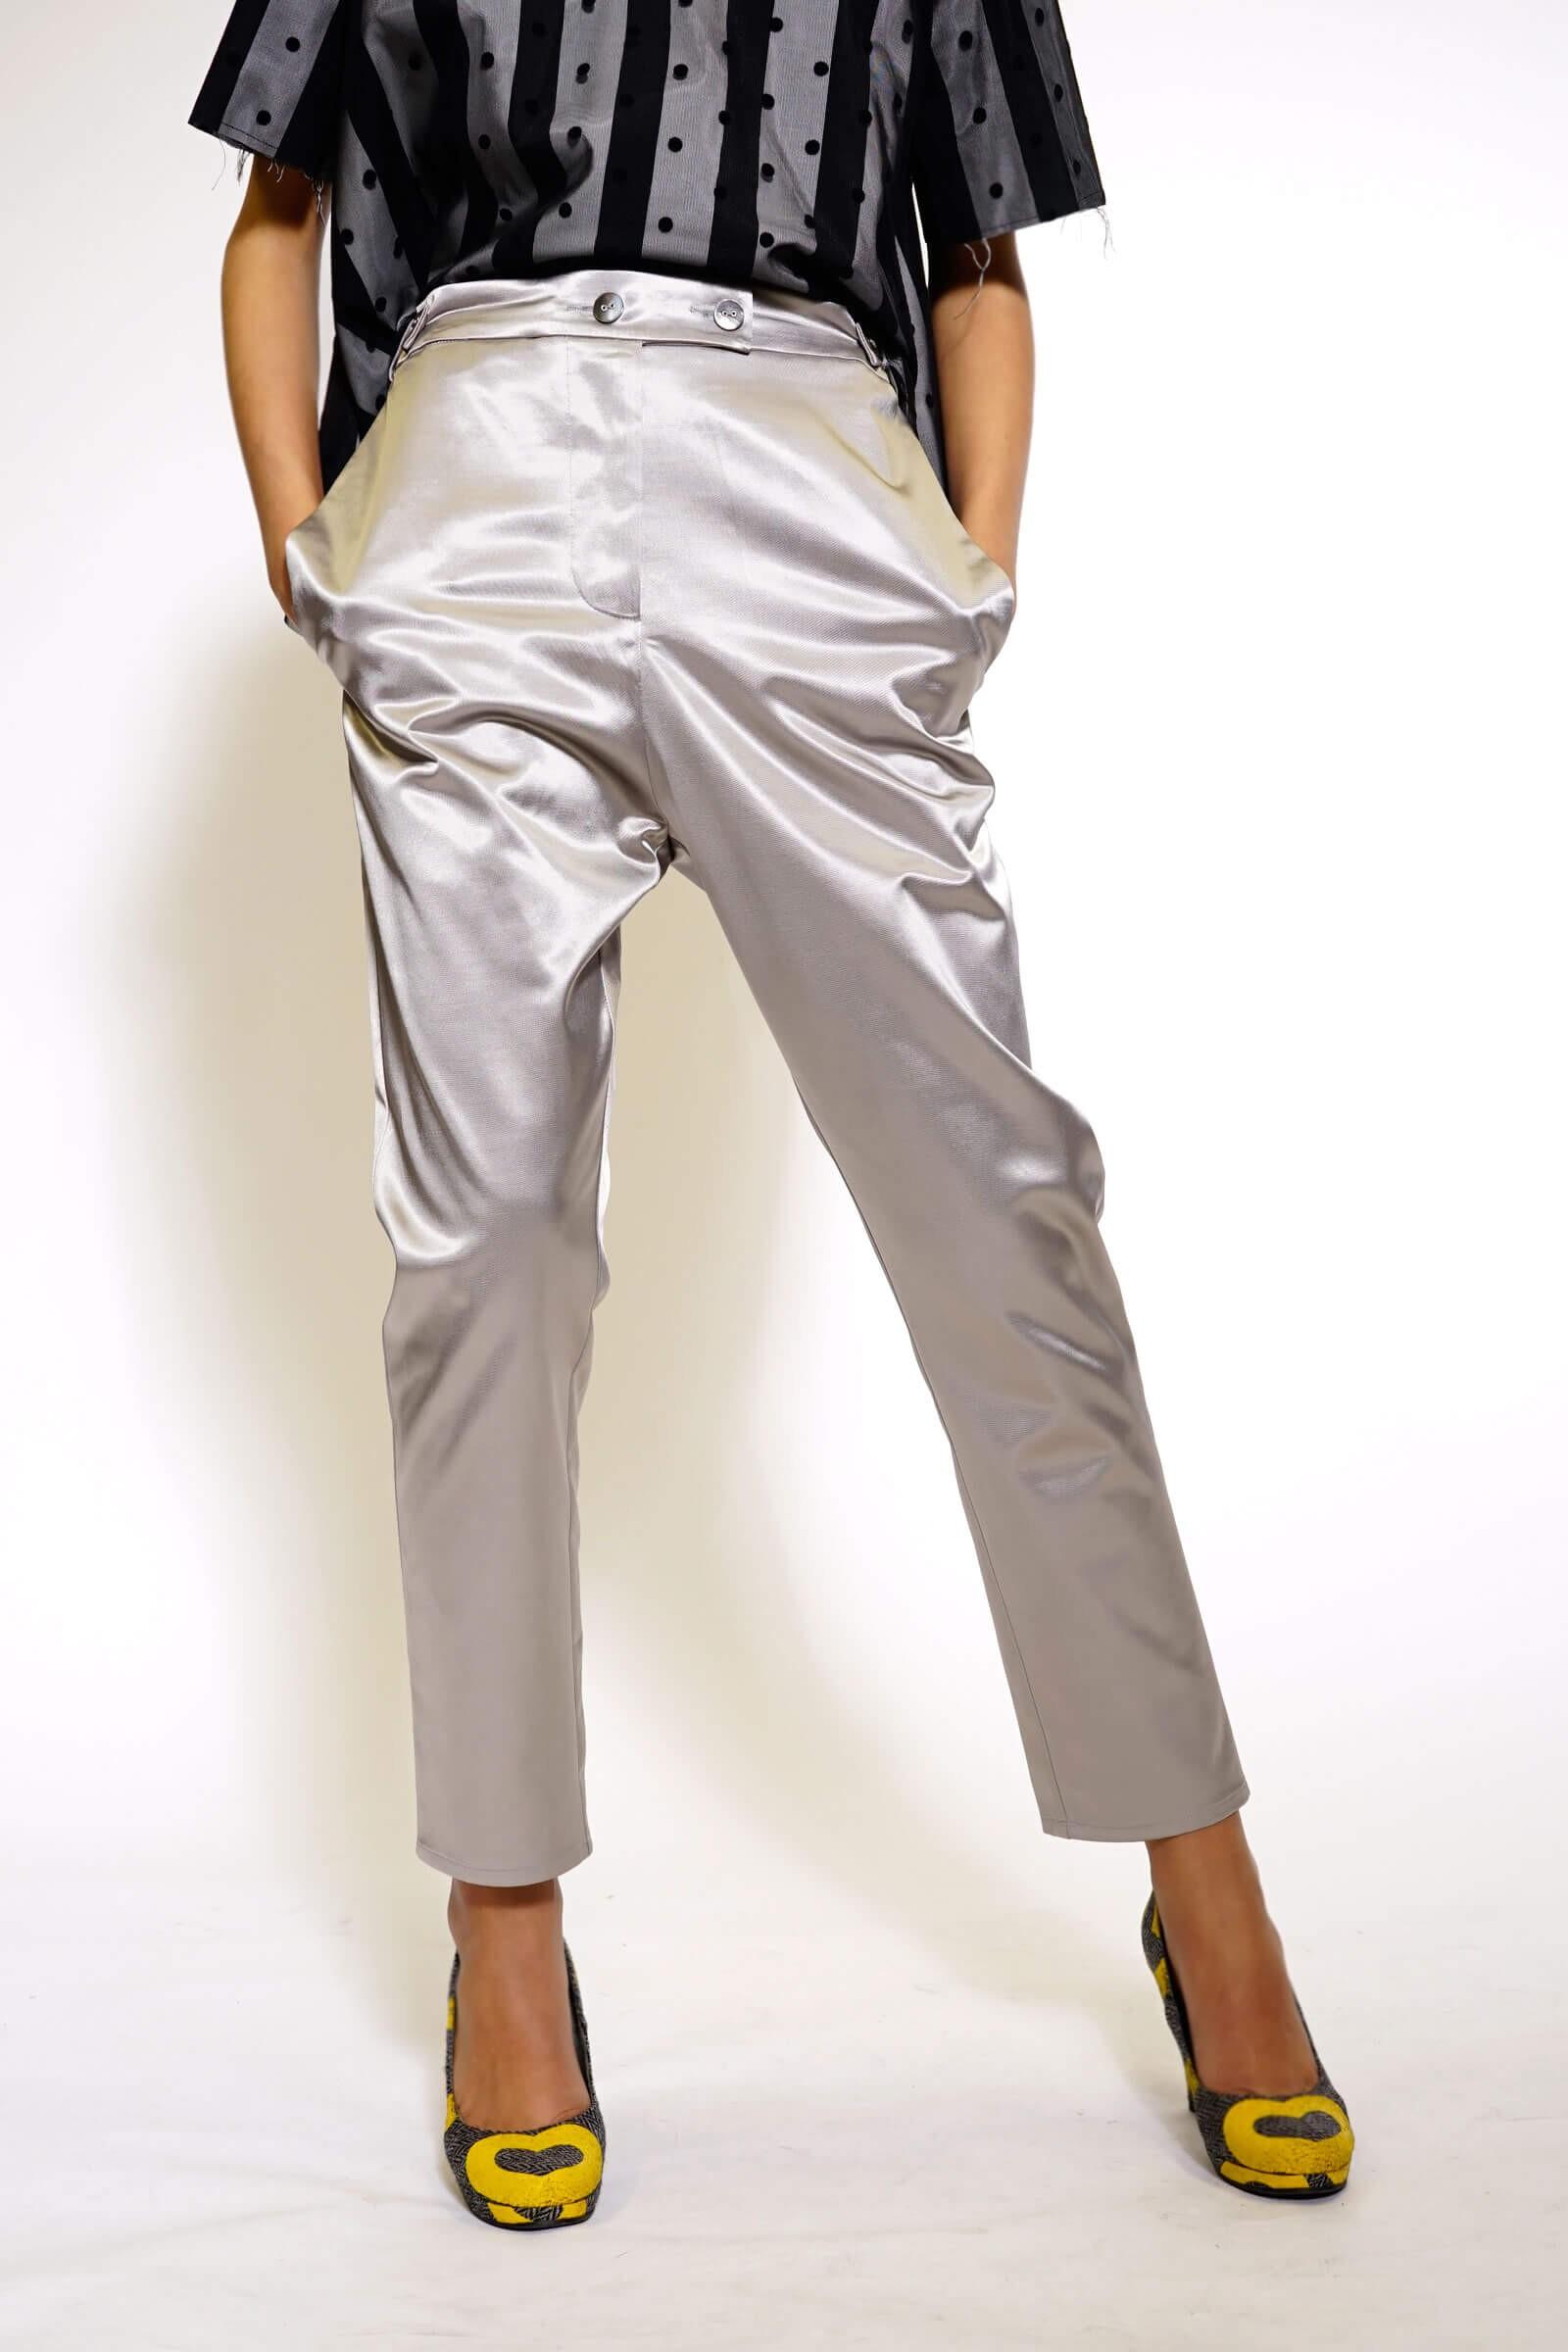 Pantalon gri cu buzunarele...